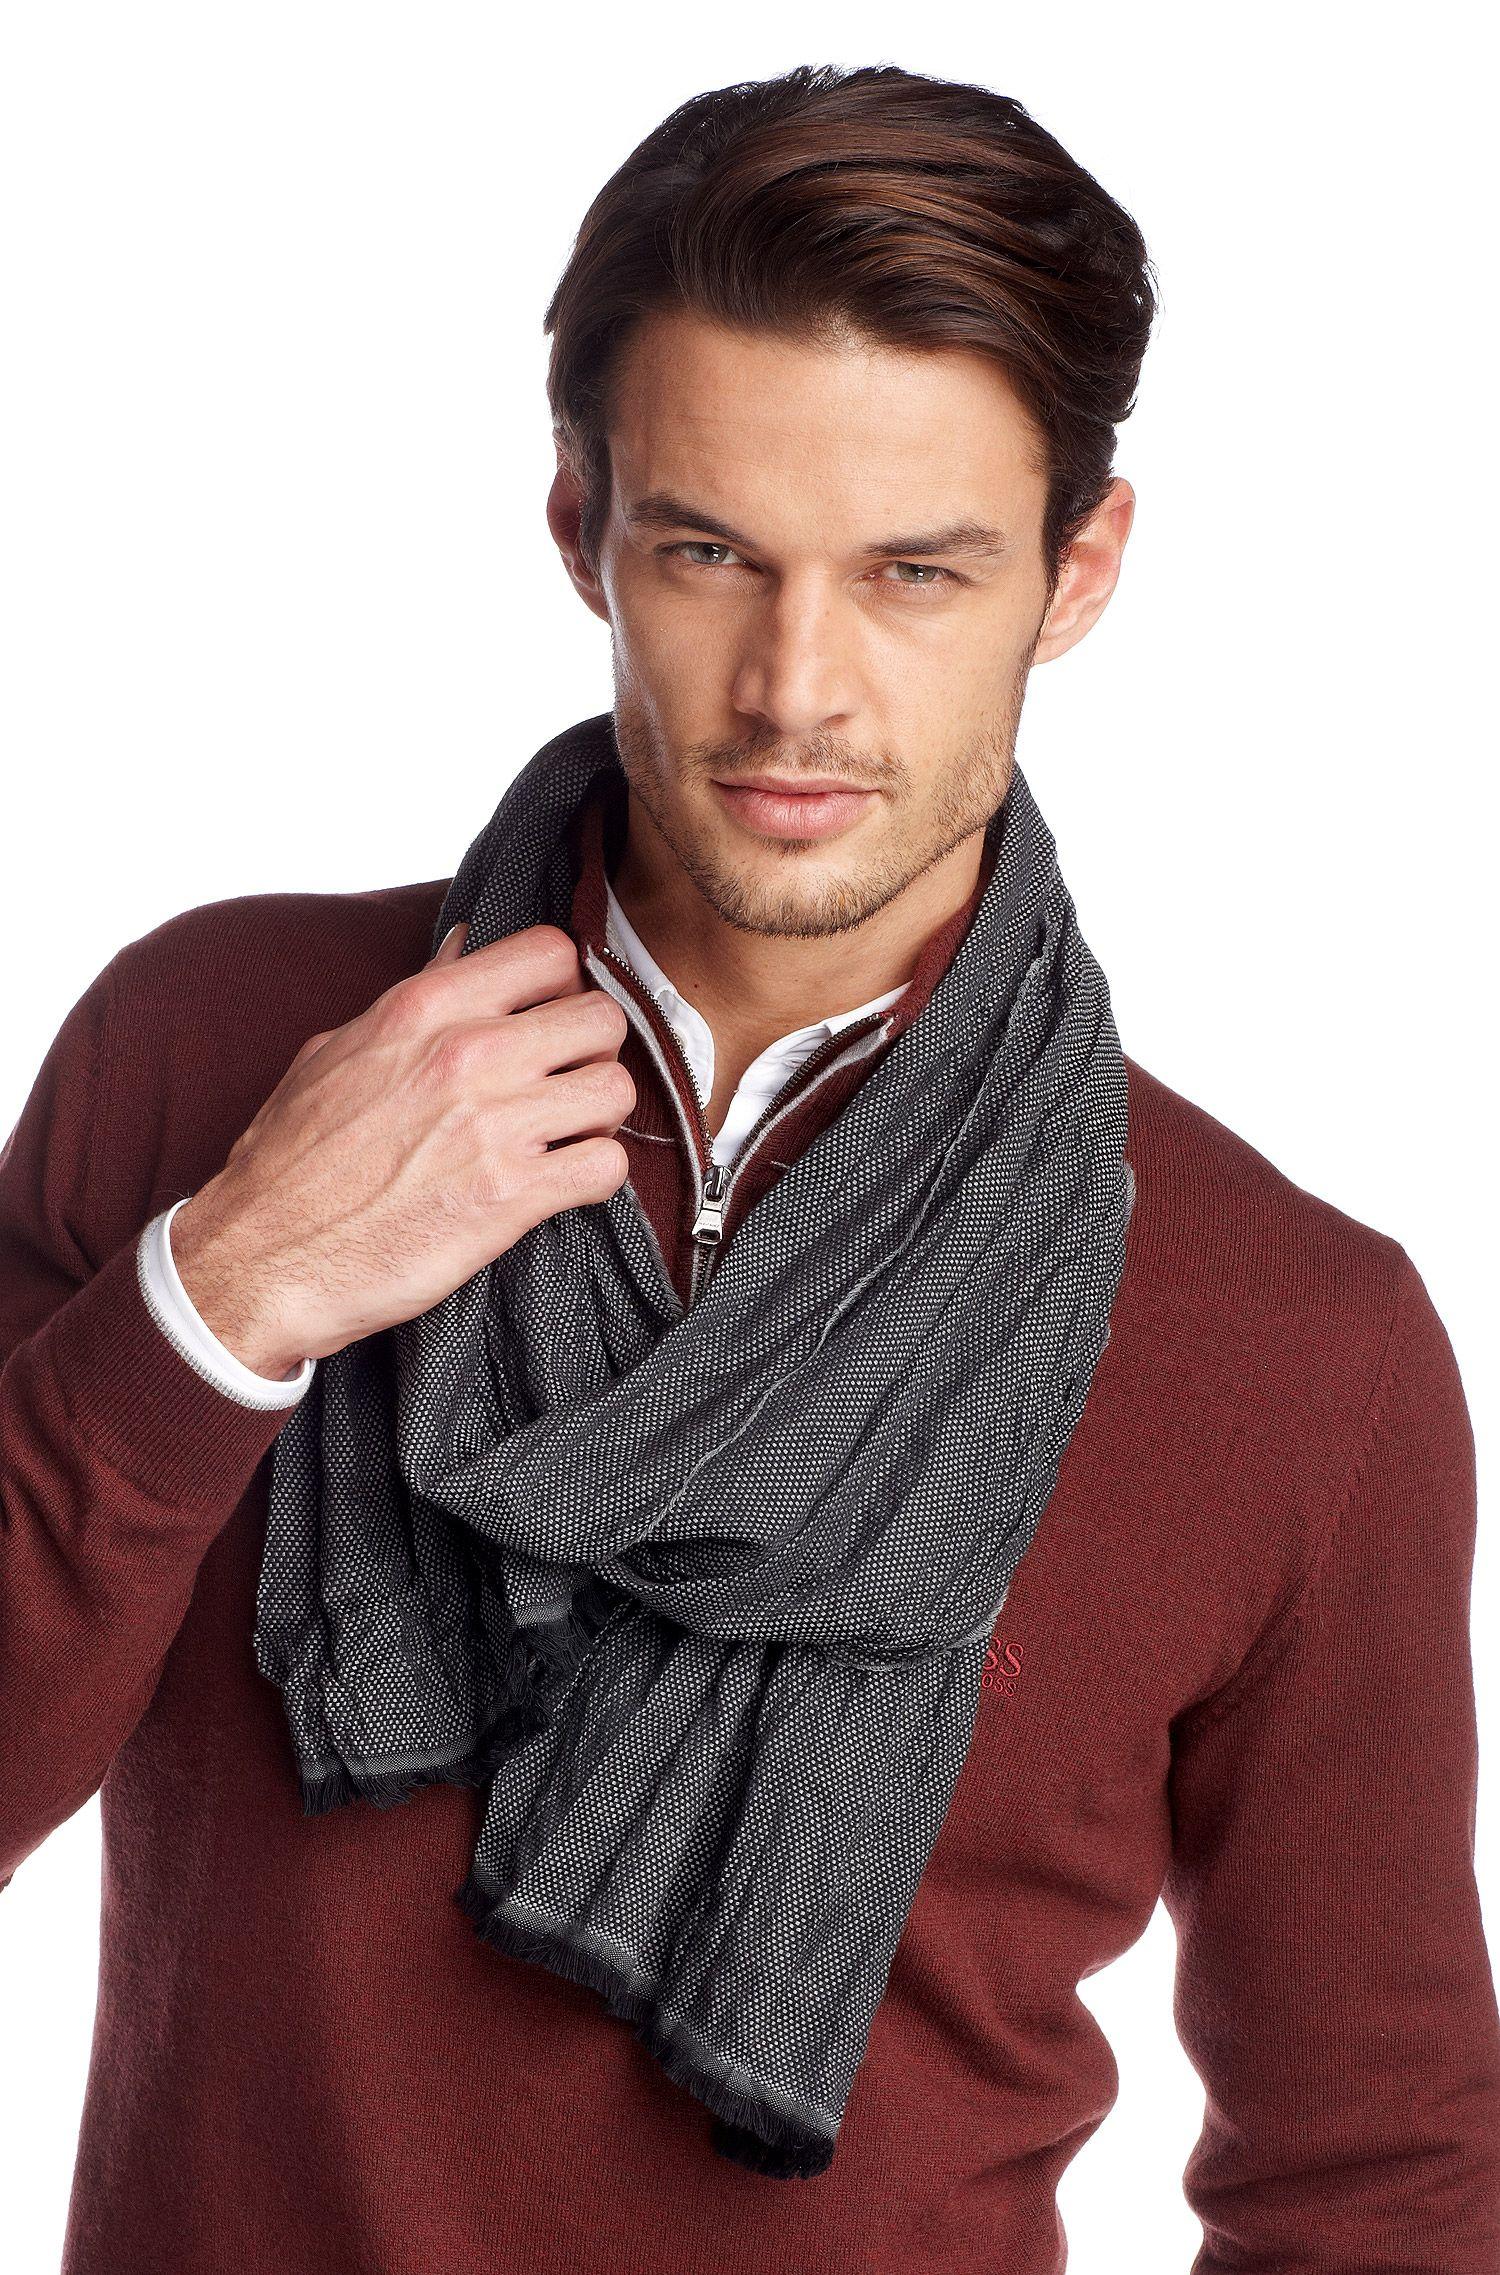 Écharpe en laine et viscose, Scarf 180 x 40 cm